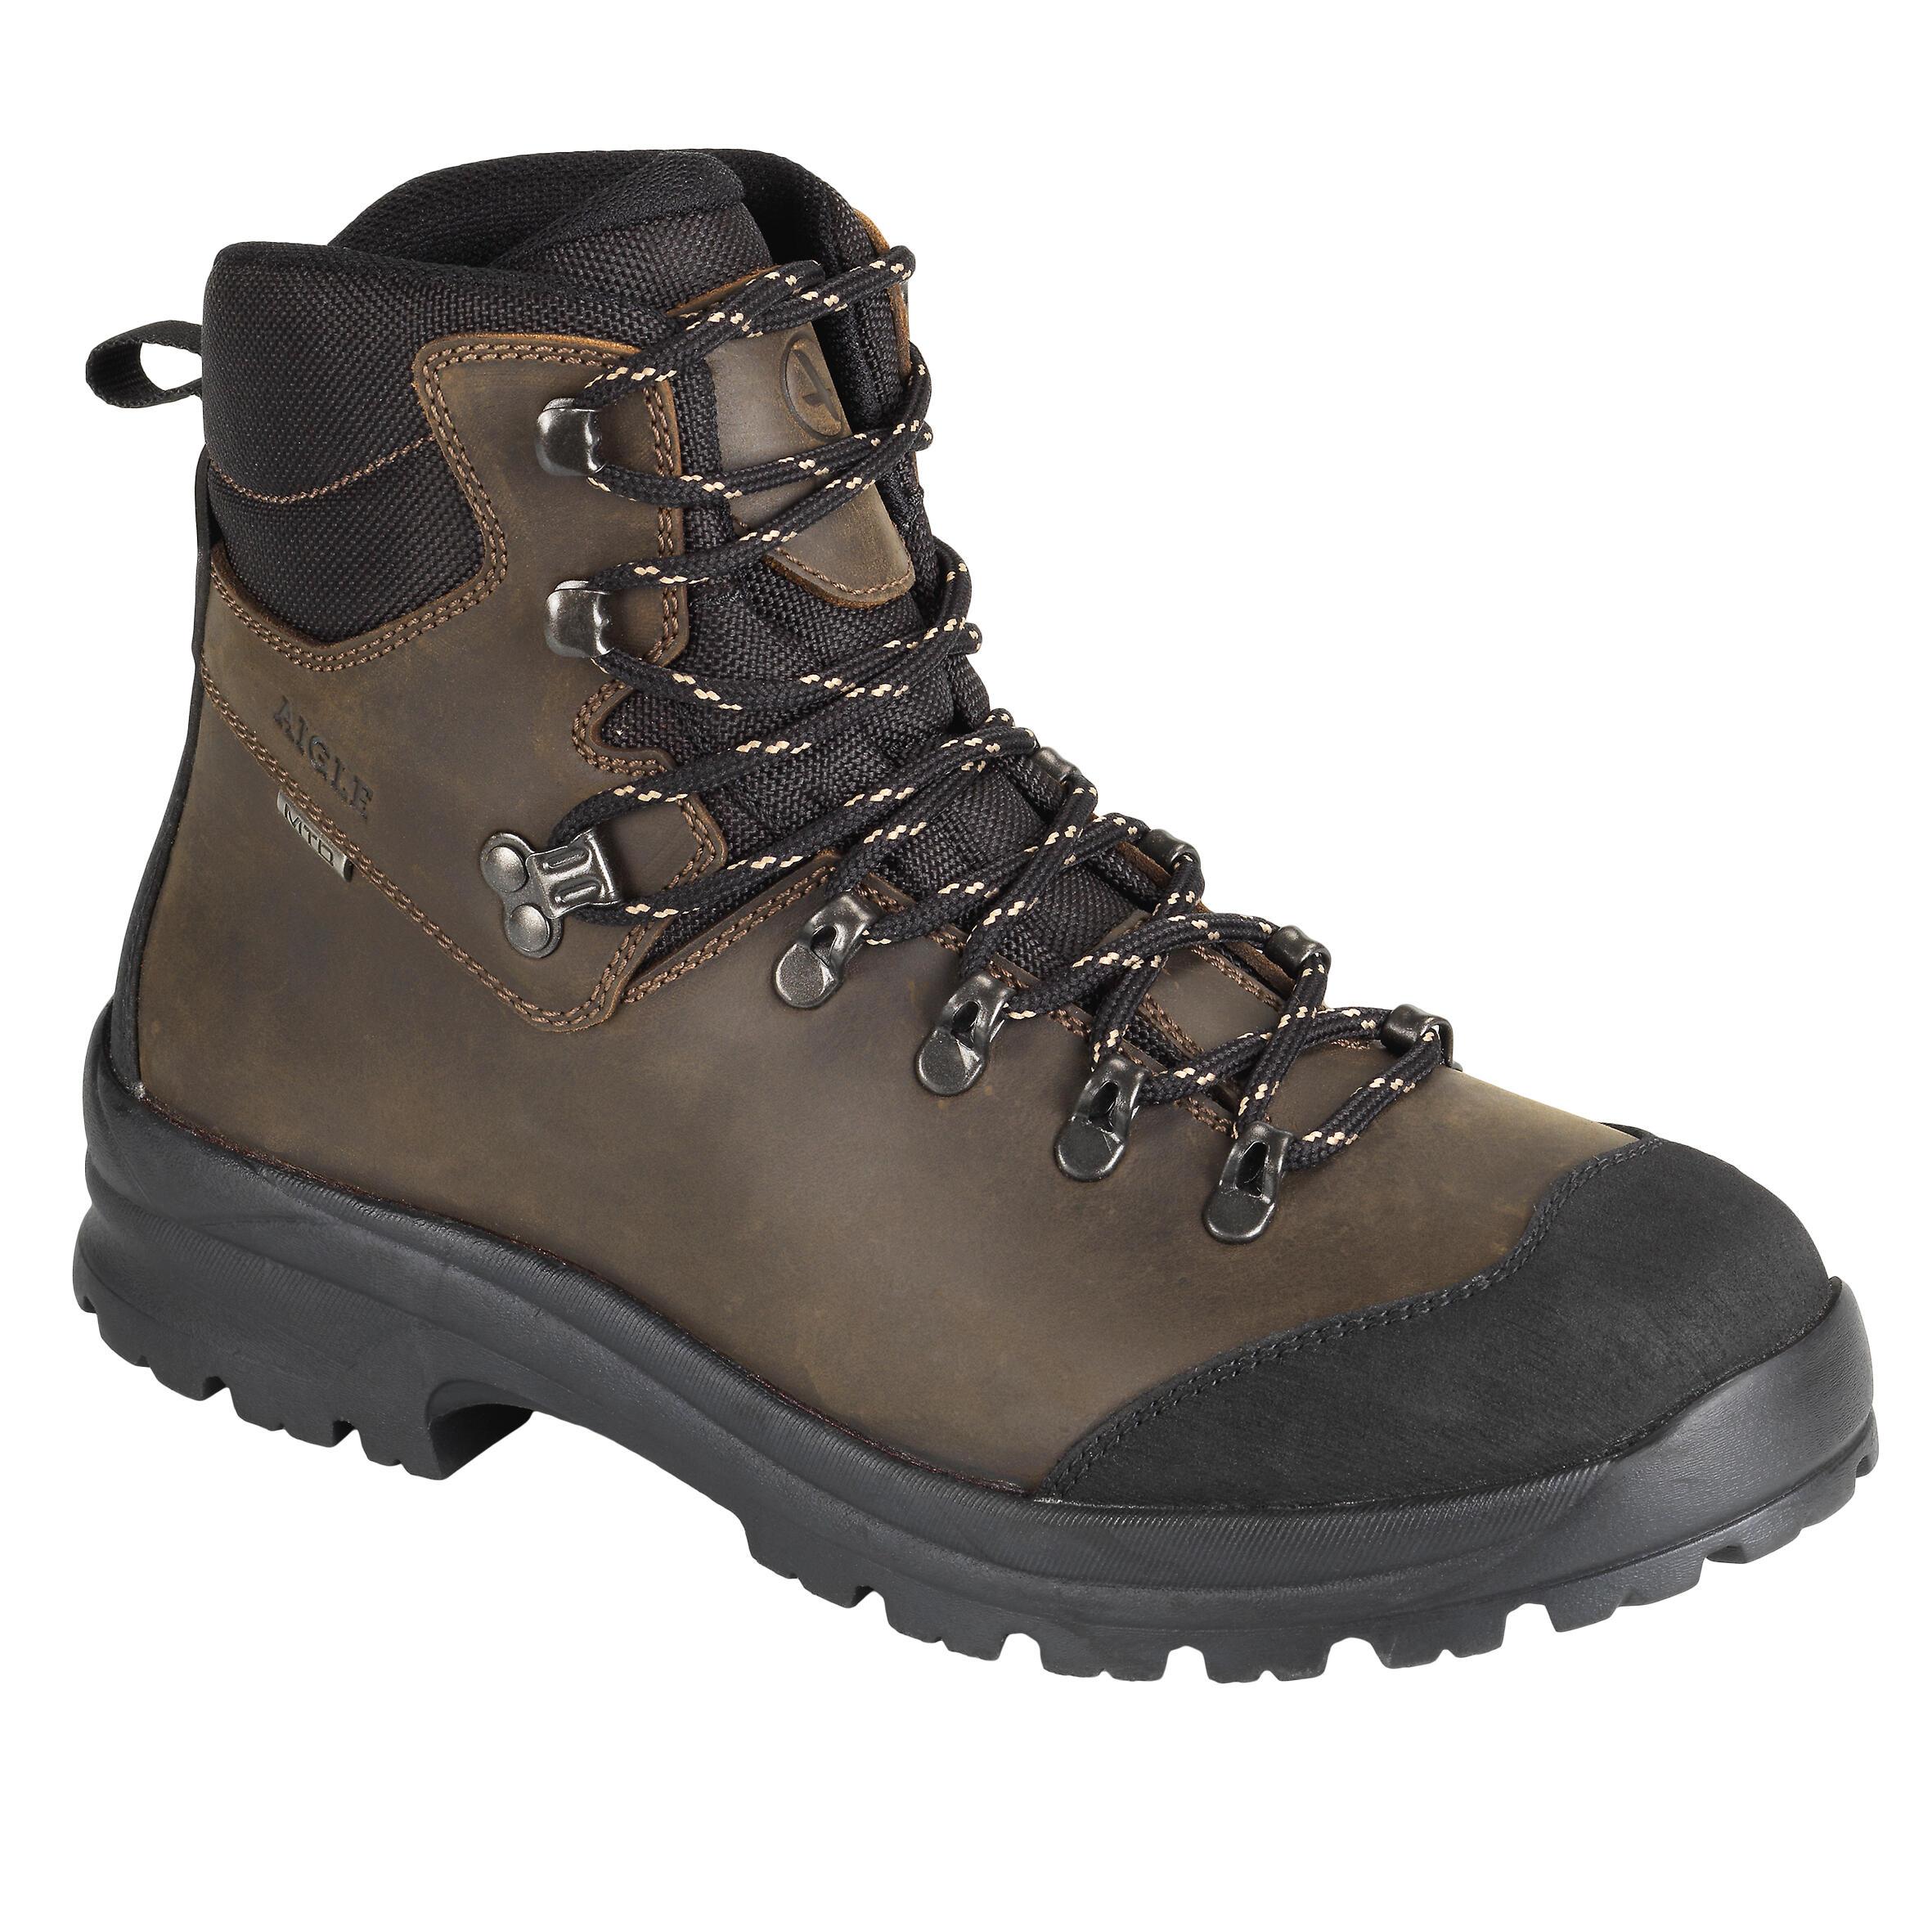 sélectionner pour plus récent grande remise vente en ligne Chaussures de chasse | DECATHLON